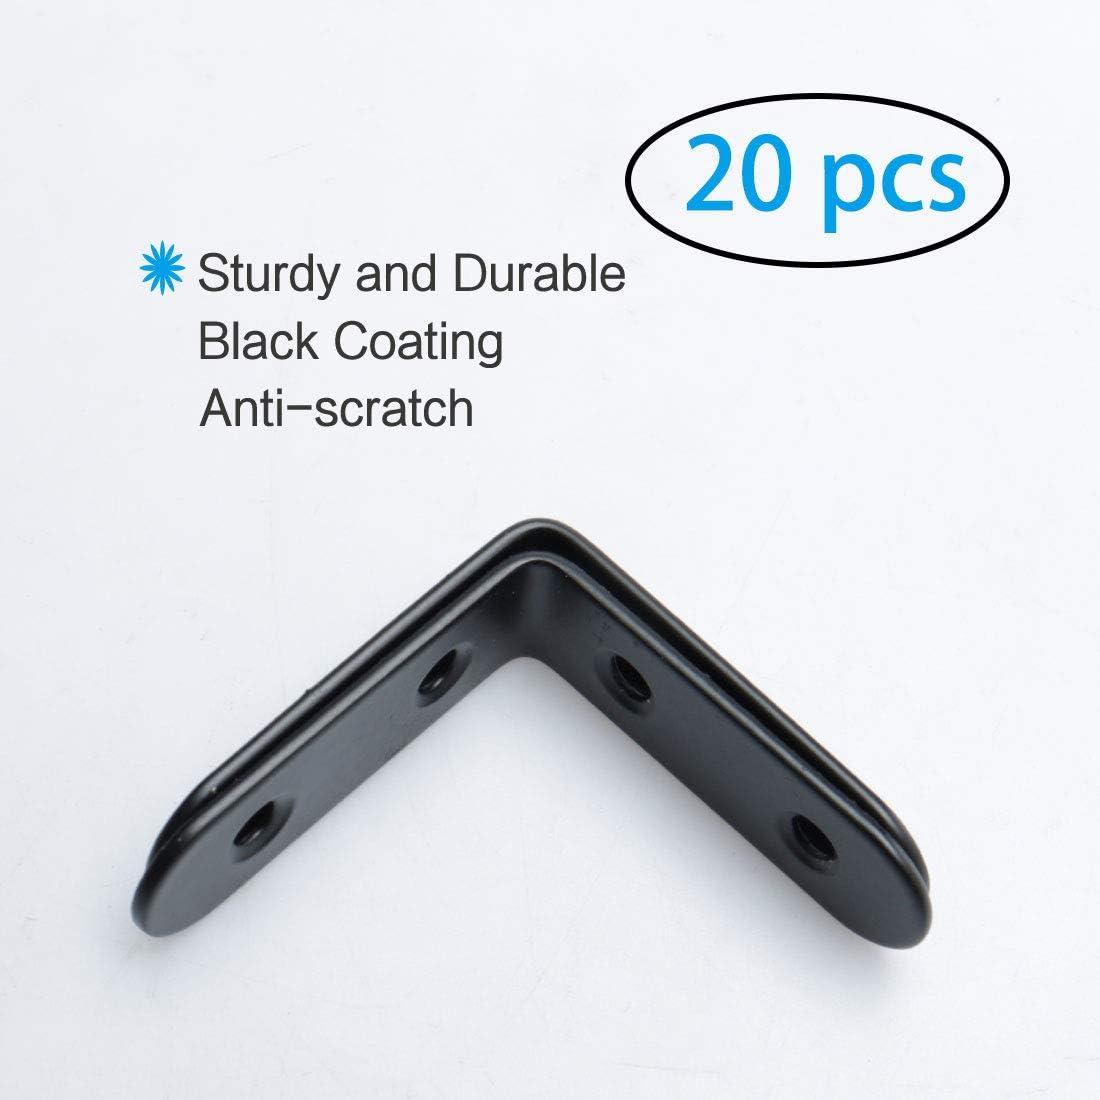 soportes de /ángulo recto soporte protector de esquina con tornillos para muebles en forma de L Soporte de /ángulo de acero inoxidable para esquina